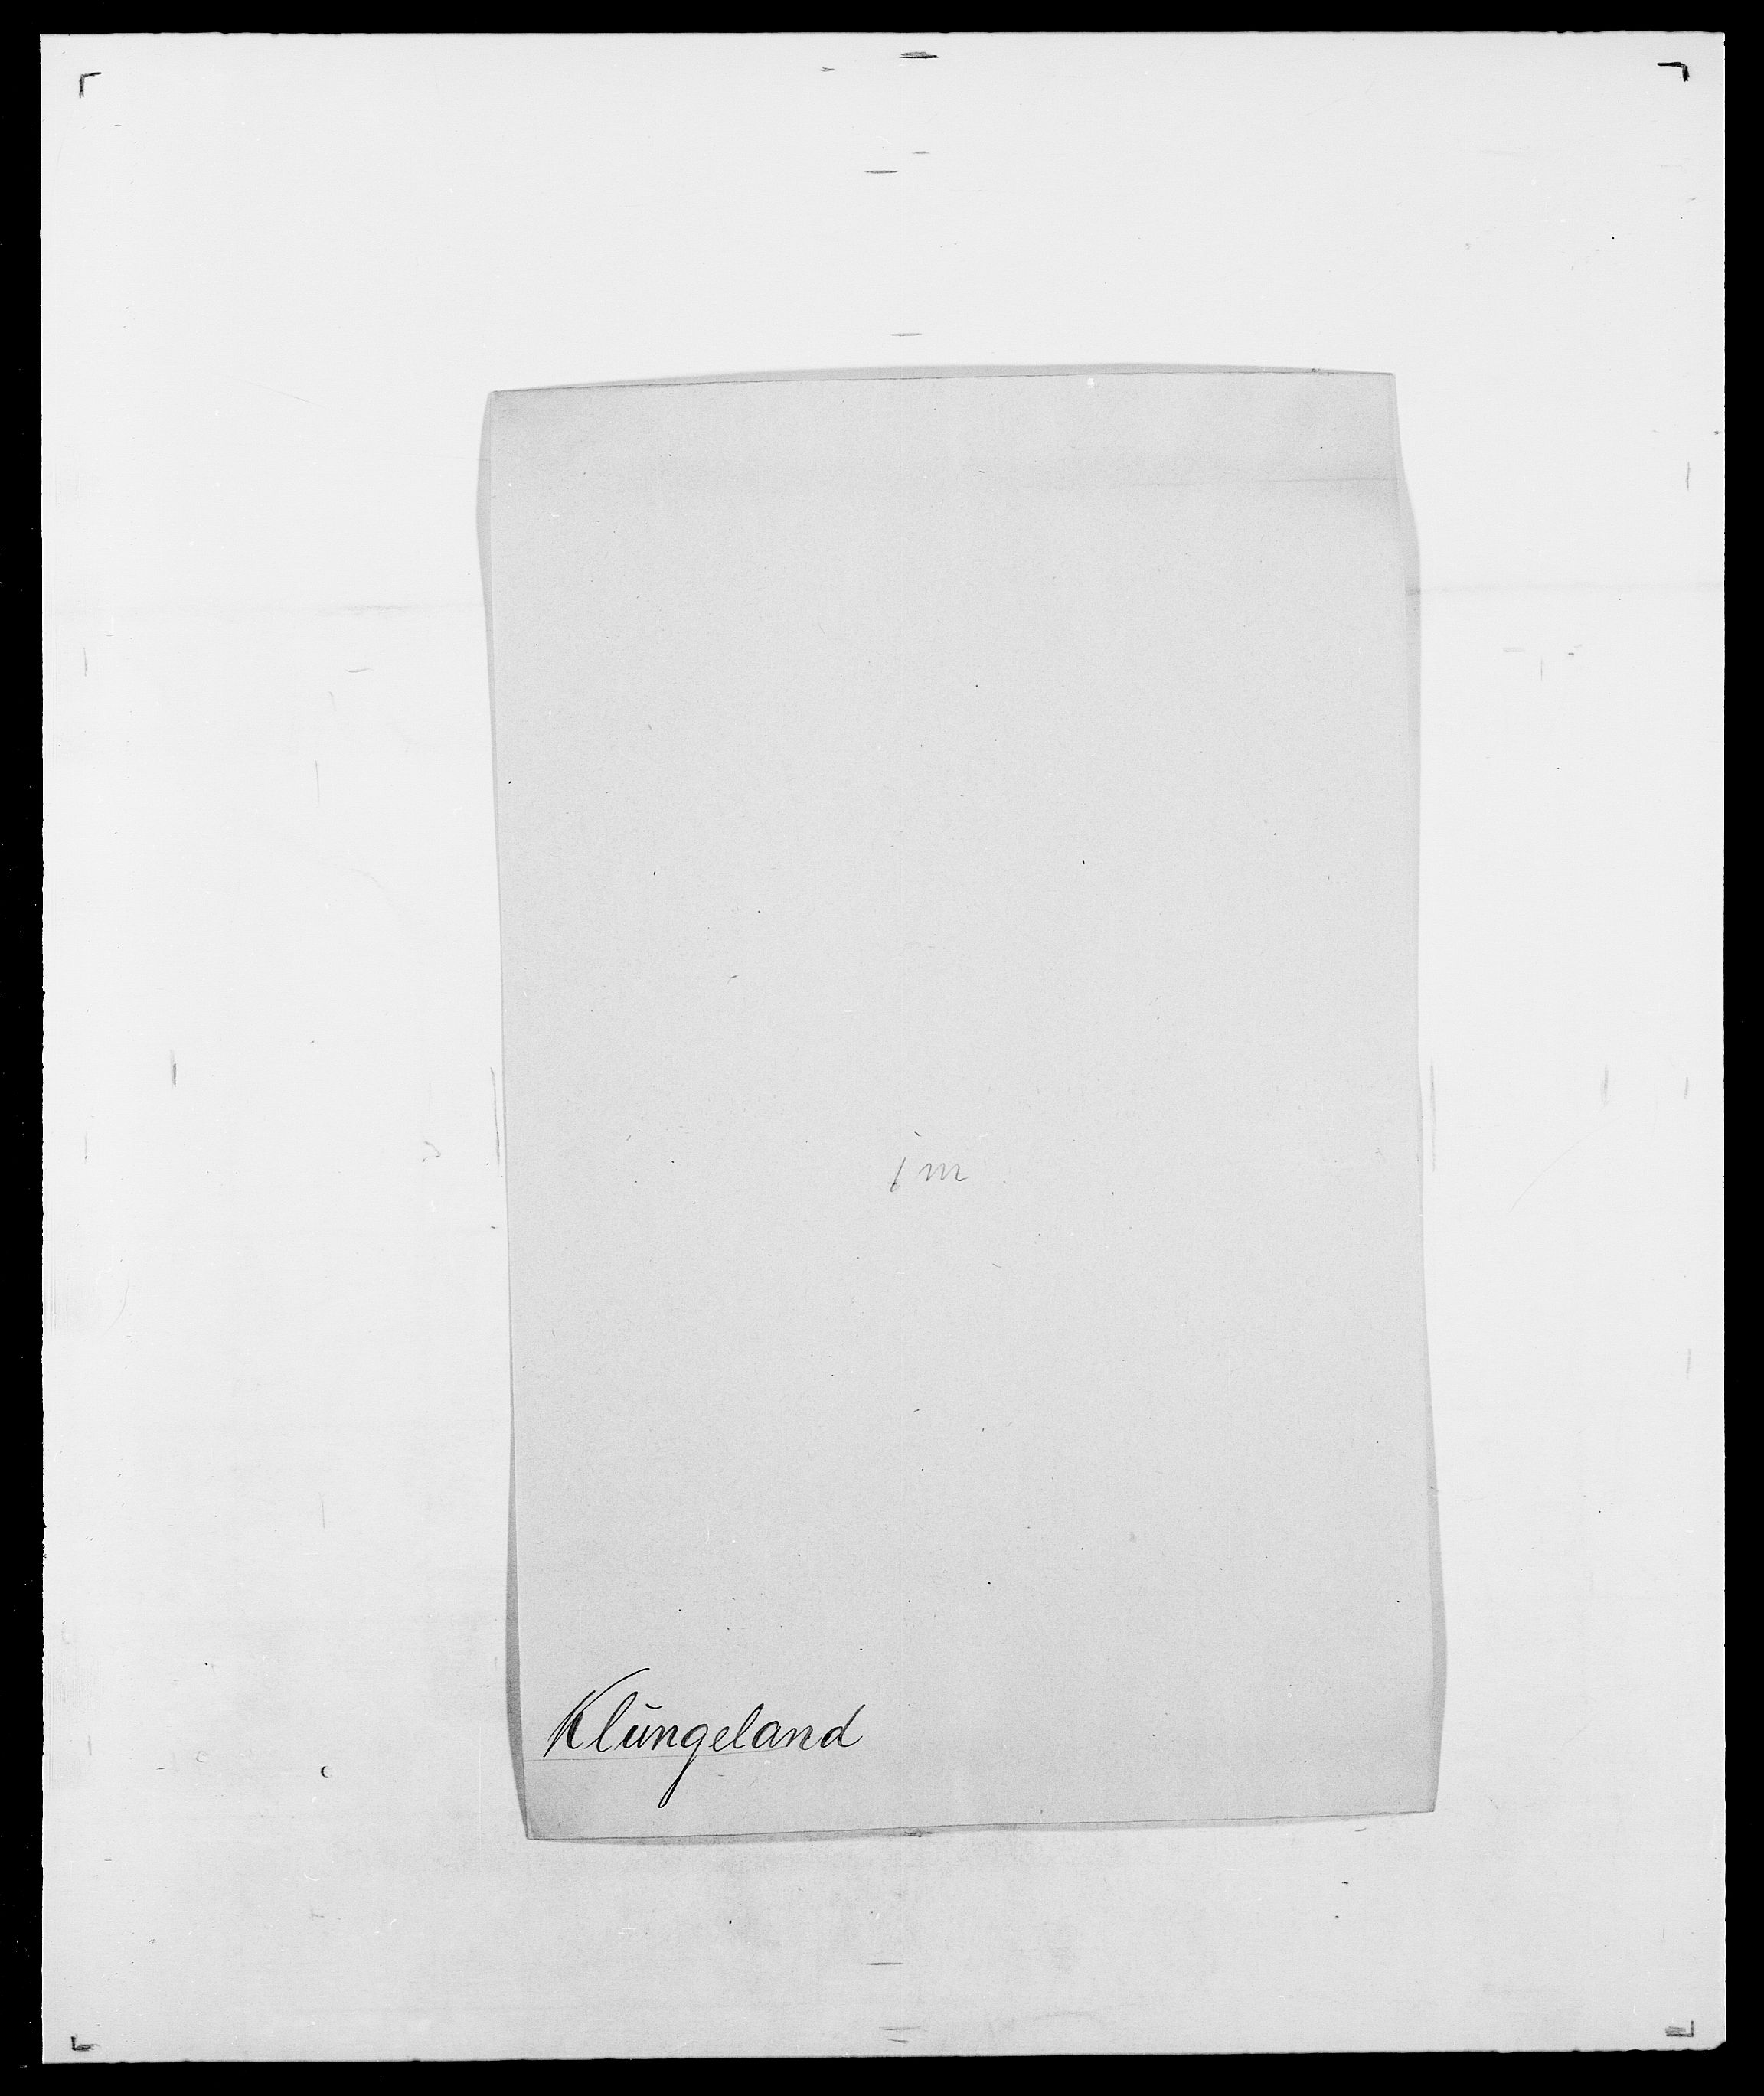 SAO, Delgobe, Charles Antoine - samling, D/Da/L0021: Klagenberg - Kristoft, s. 169